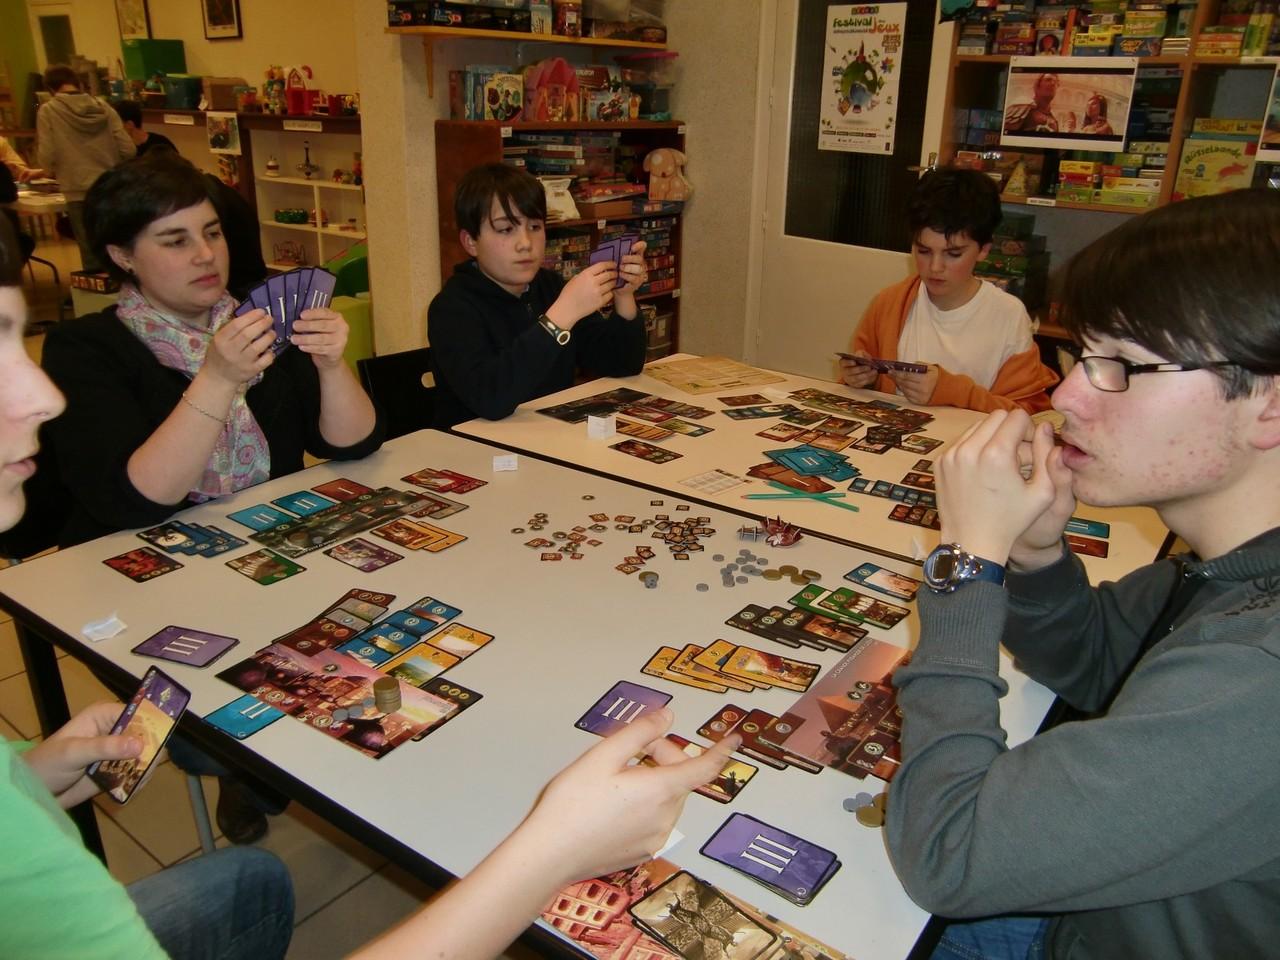 certains joueurs n'hésitent pas à utiliser les cartes noires de l'extension Cities... attention aux coups bas !